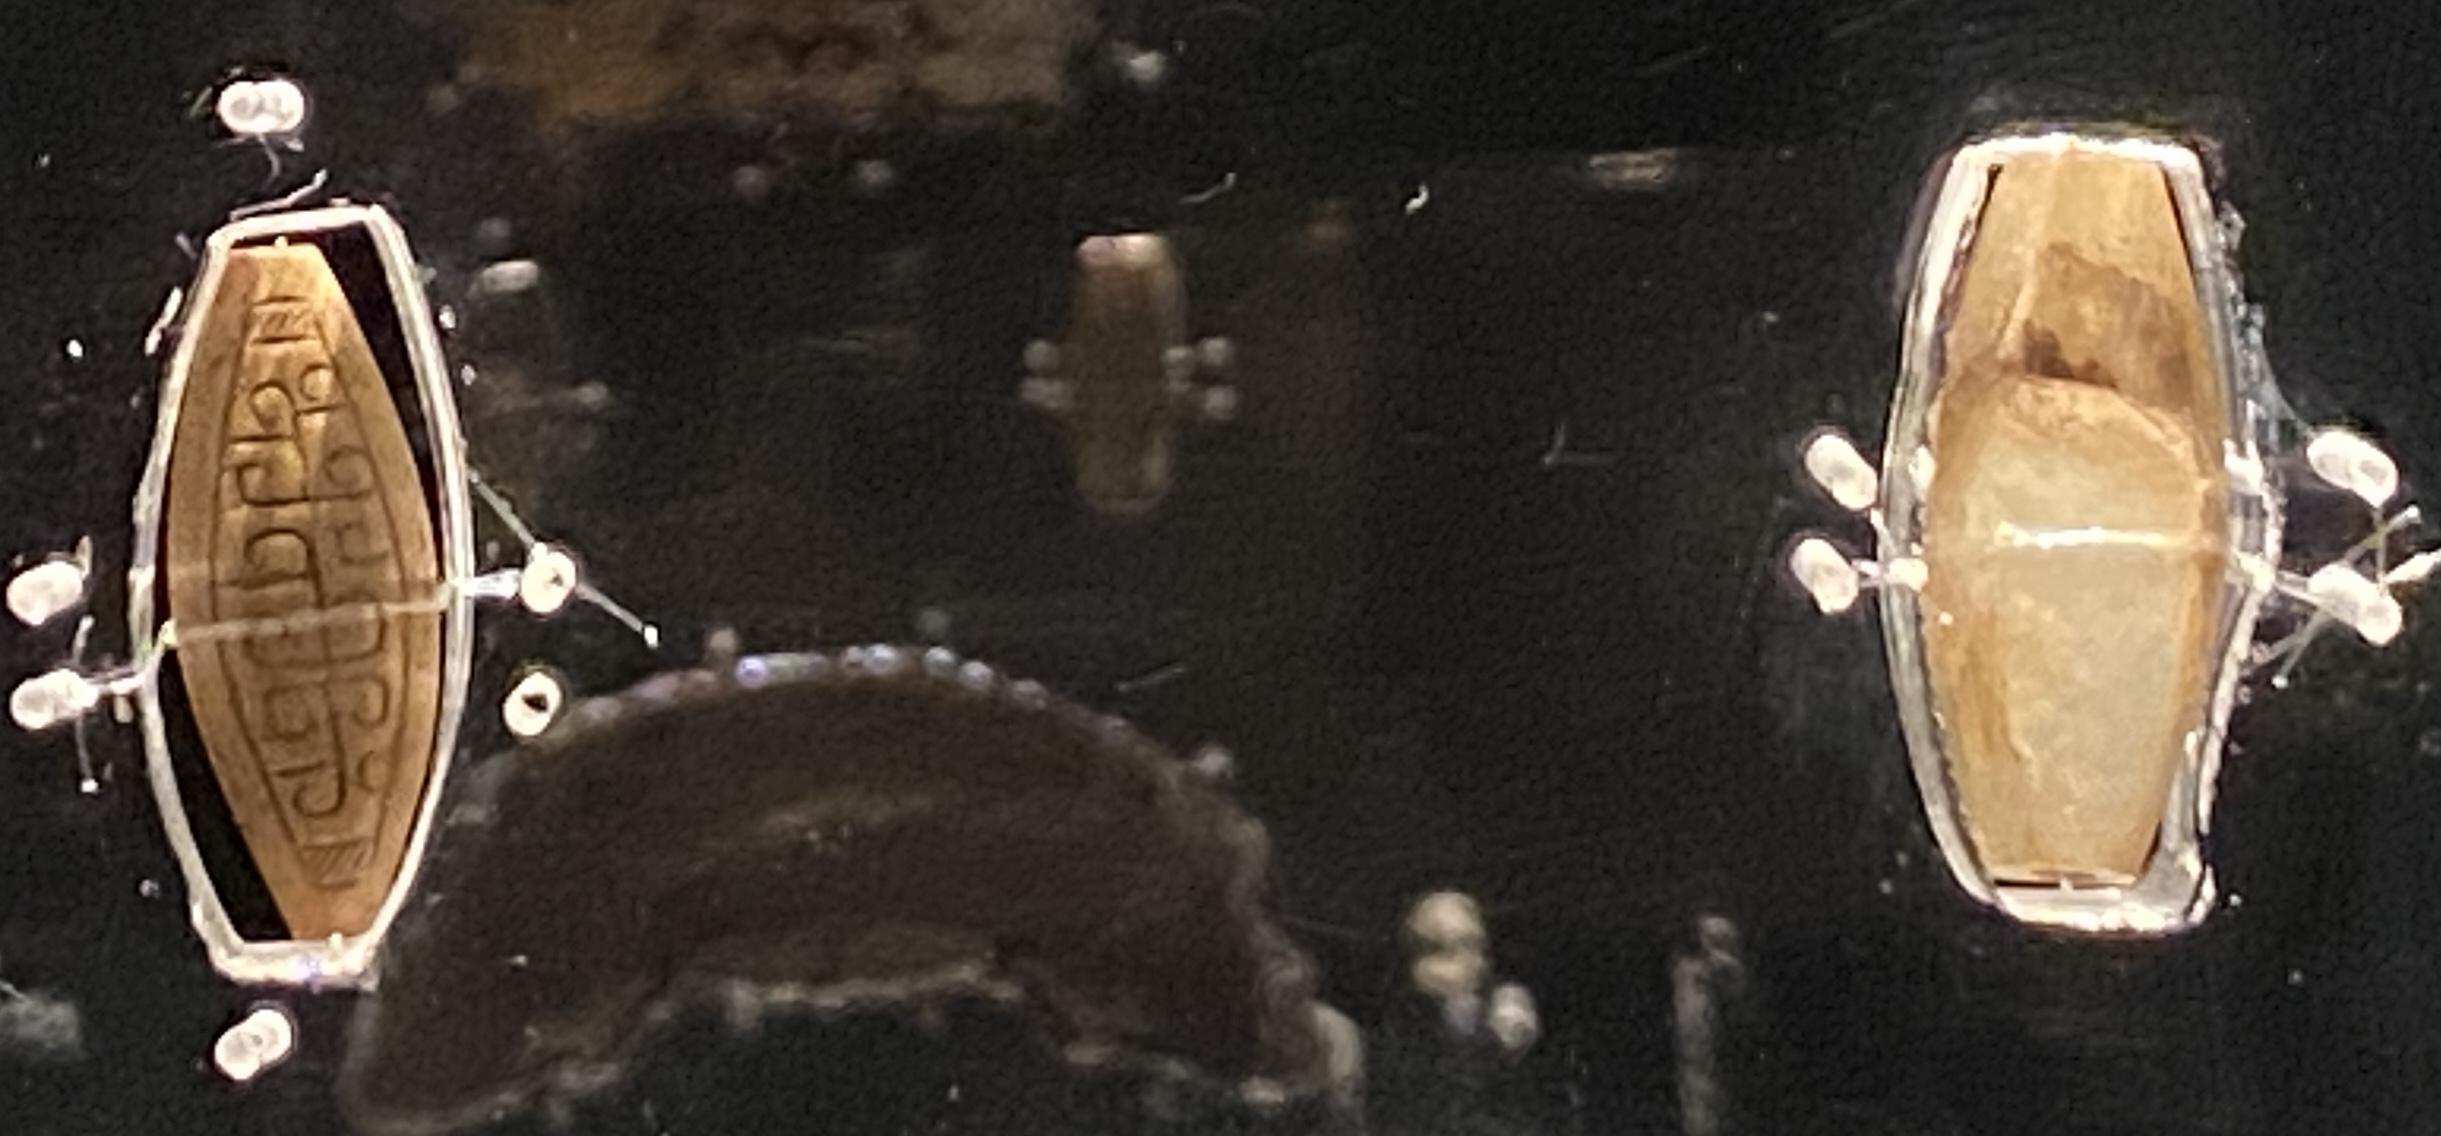 組玉佩-【列備五都-秦漢時代の中国都市】-成都博物館-四川成都